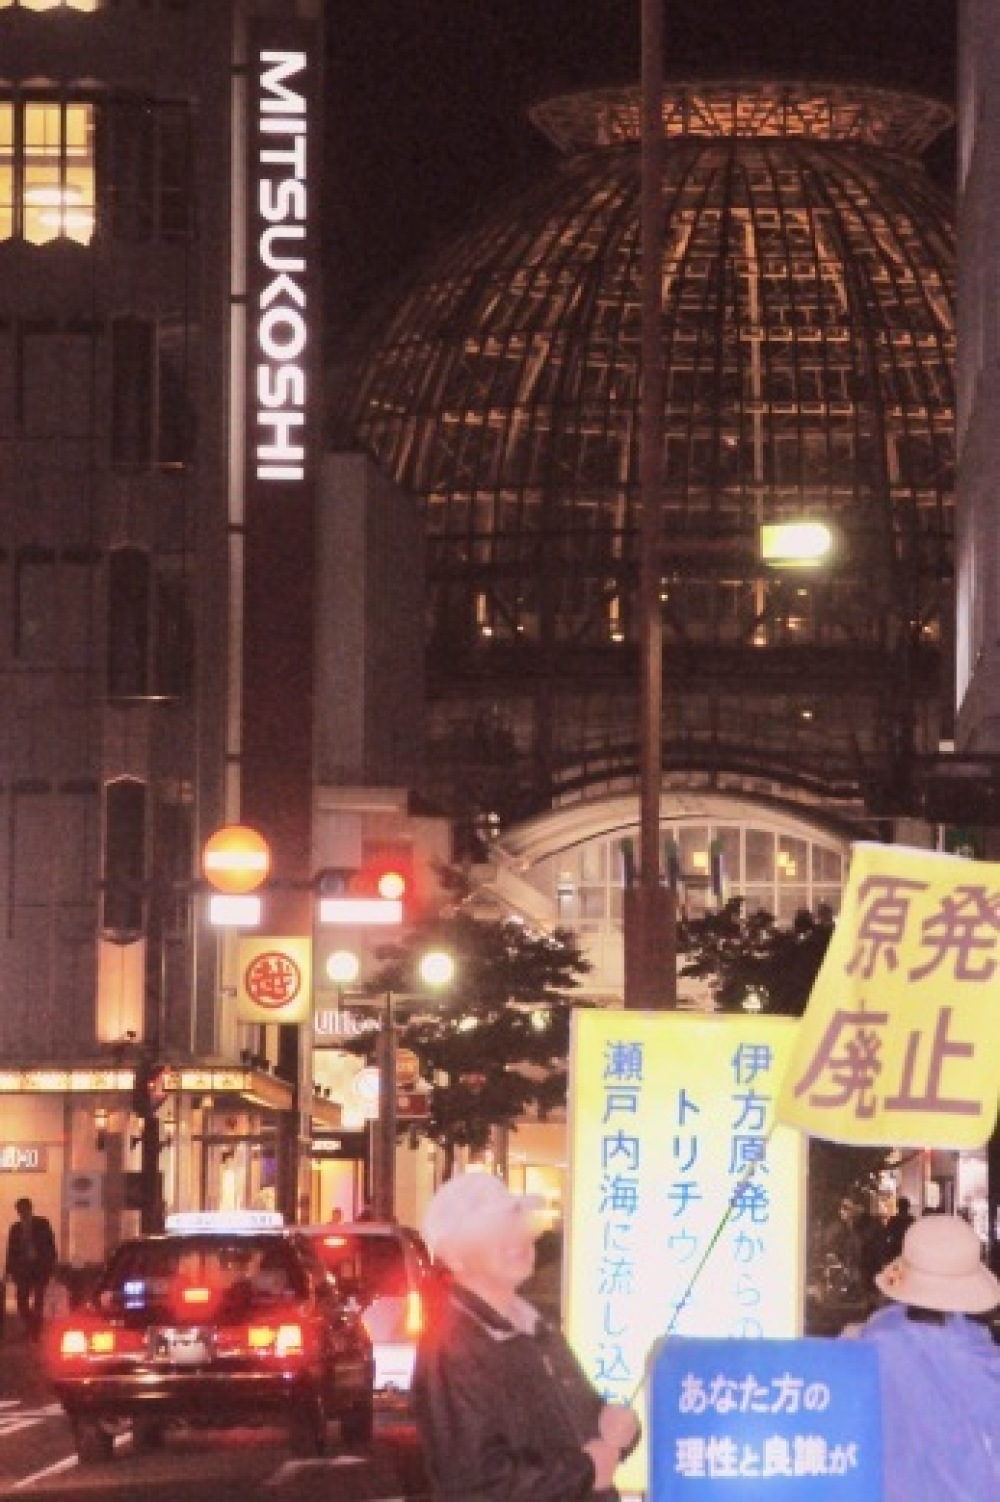 383回目四電本社前再稼働反対抗議レポ 11月8日(金)高松 【 伊方原発を止める。私たちは止まらない。55】【 日本の原発はこのまま「消滅」へ 】 _b0242956_10480434.jpeg